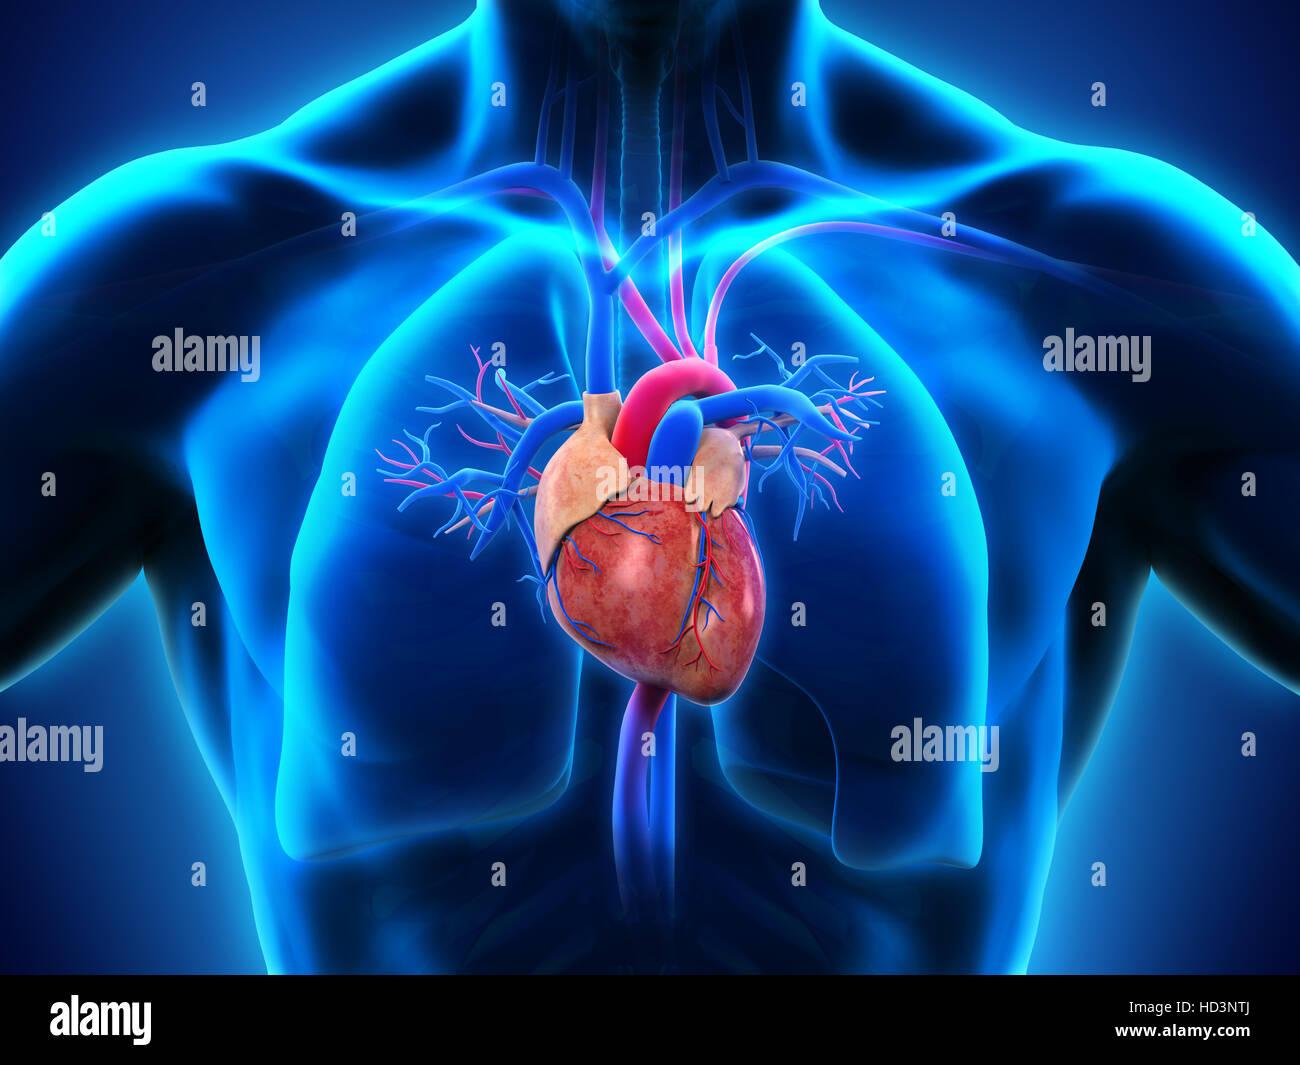 Anatomía del corazón humano Foto & Imagen De Stock: 128546114 - Alamy